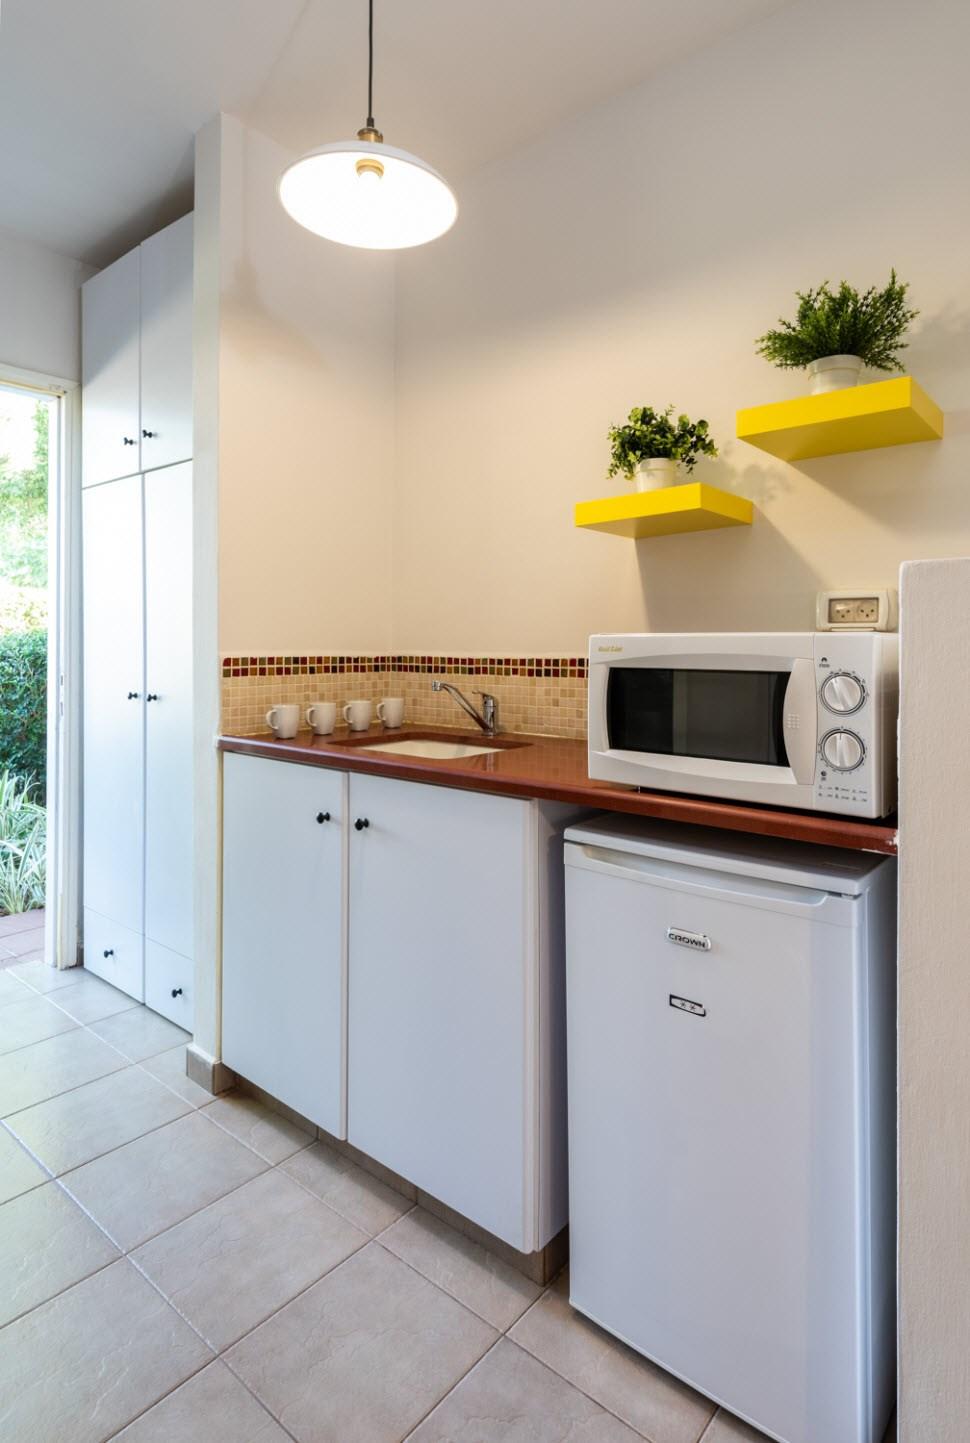 מטבח חדר קלאסיק - כפר הנופש מזרע